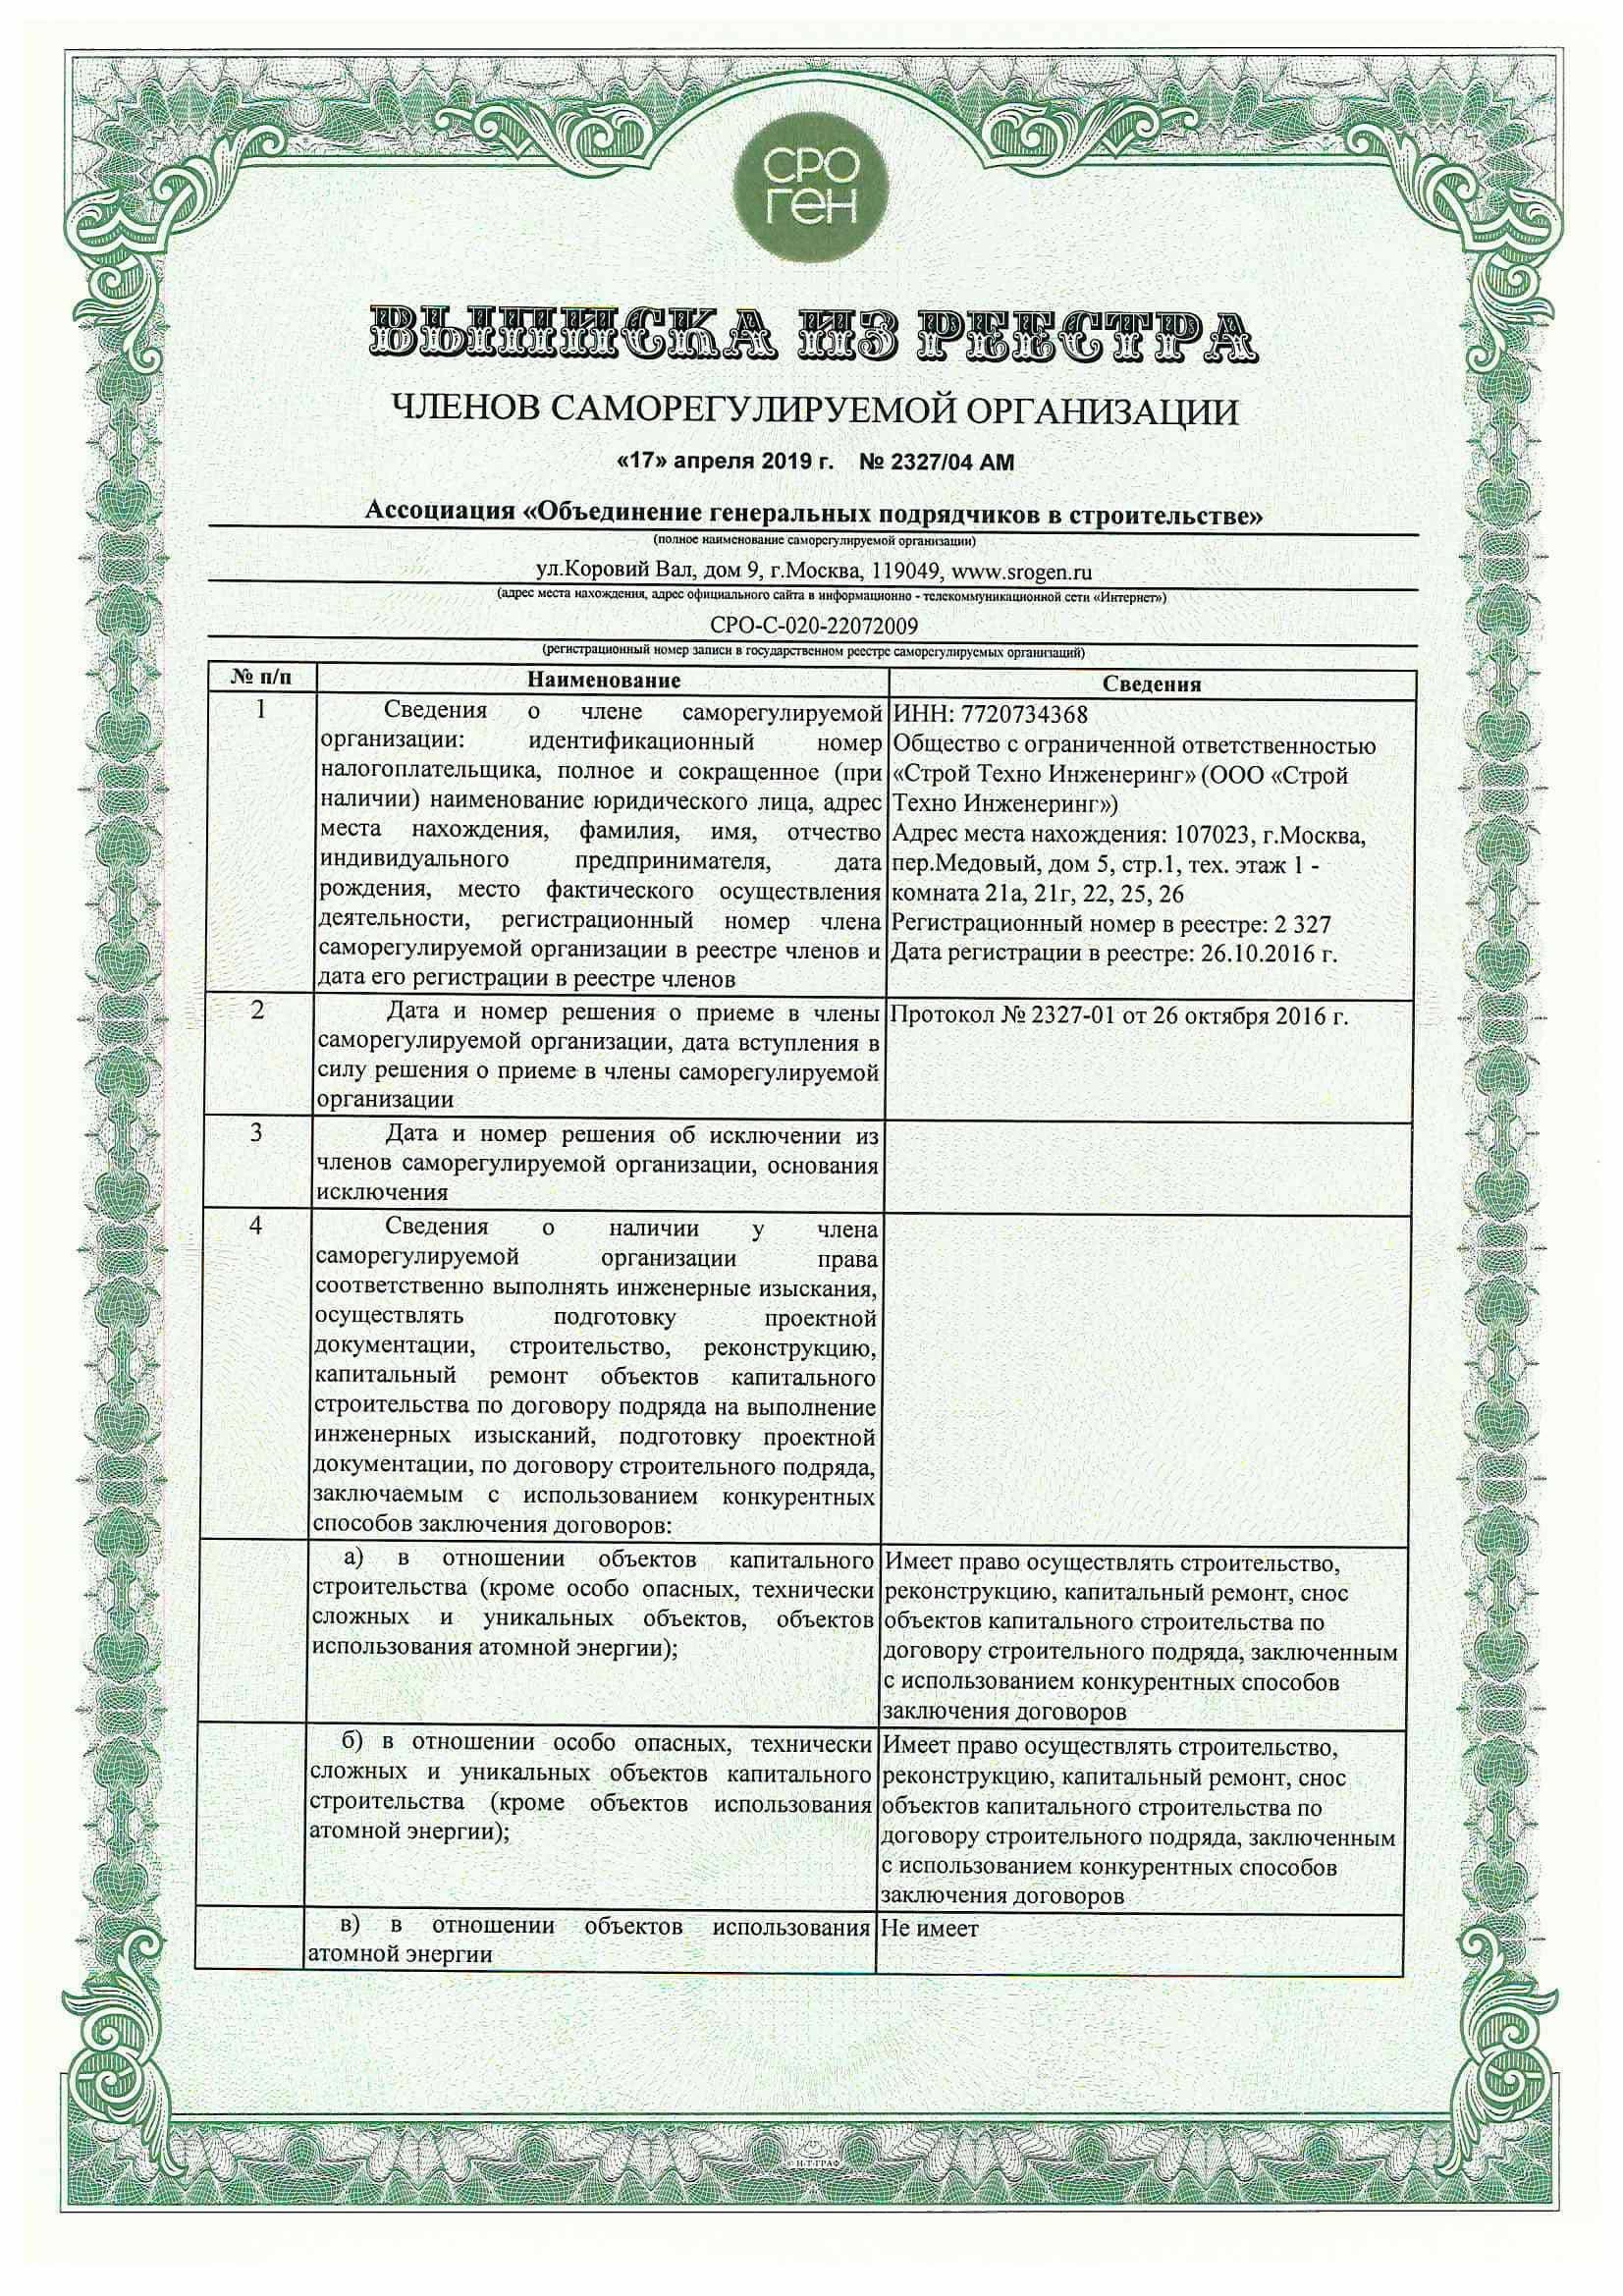 Certificate 5a